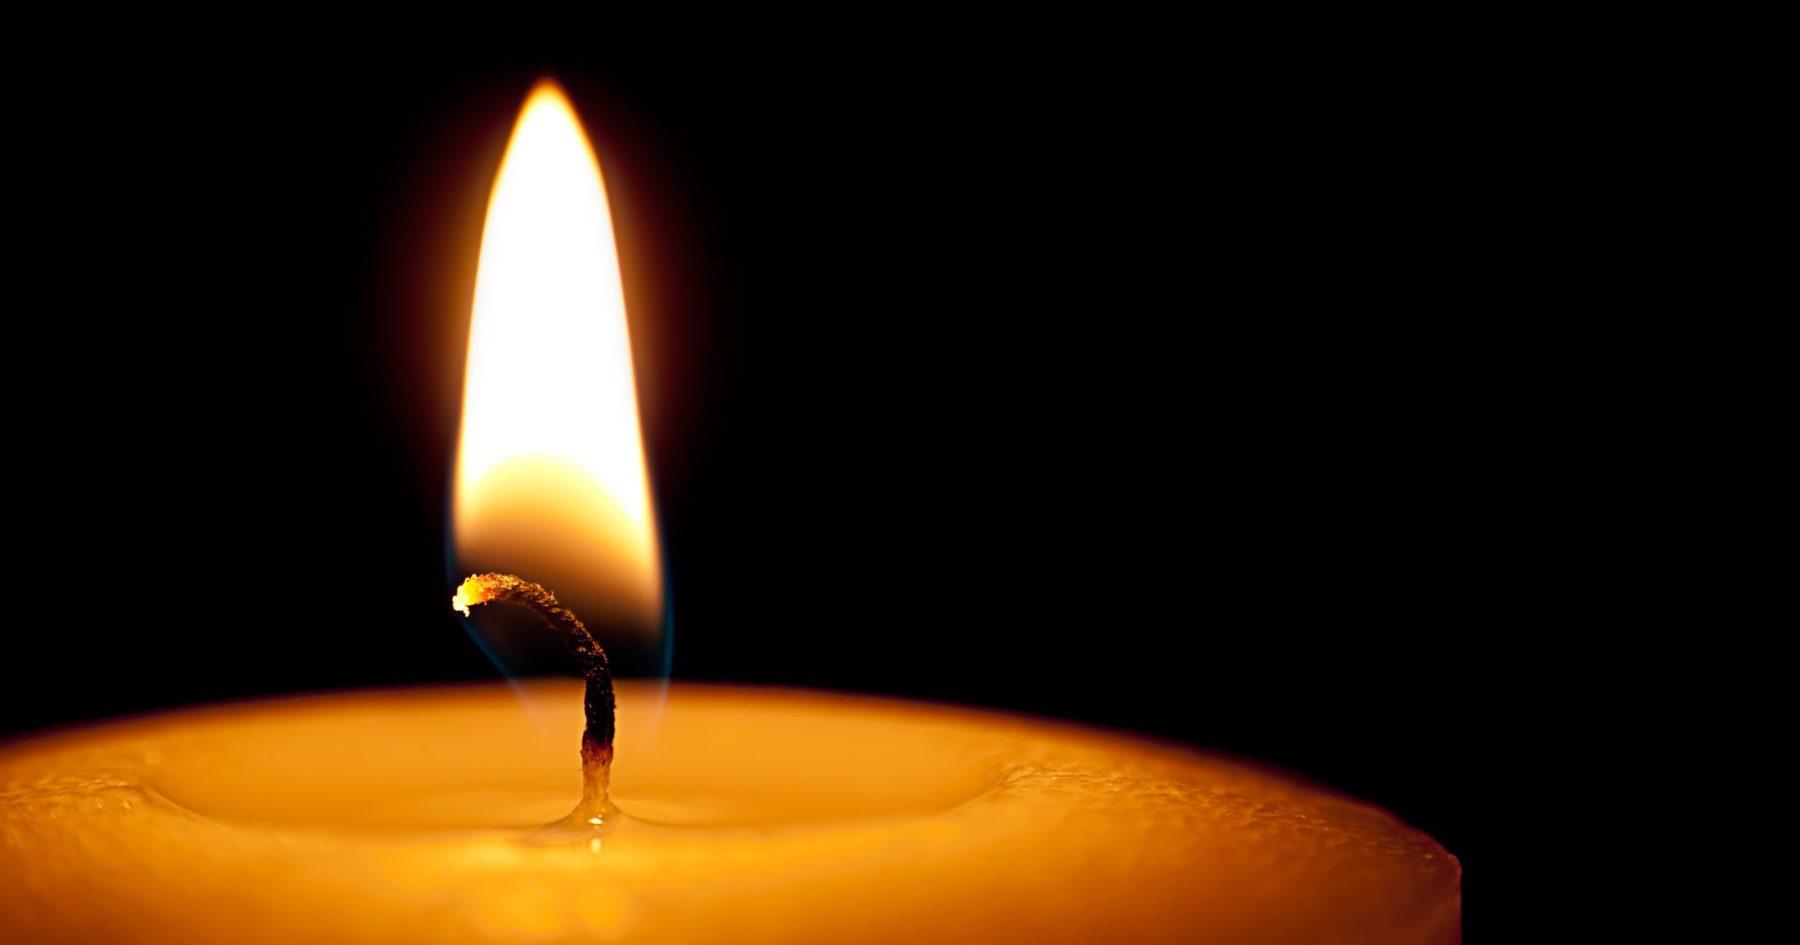 Θλίψη: άλλη μία μεγάλη απώλεια στον καλλιτεχνικό κόσμο! Ποιος Έλληνας ηθοποιός έφυγε από τη ζωή